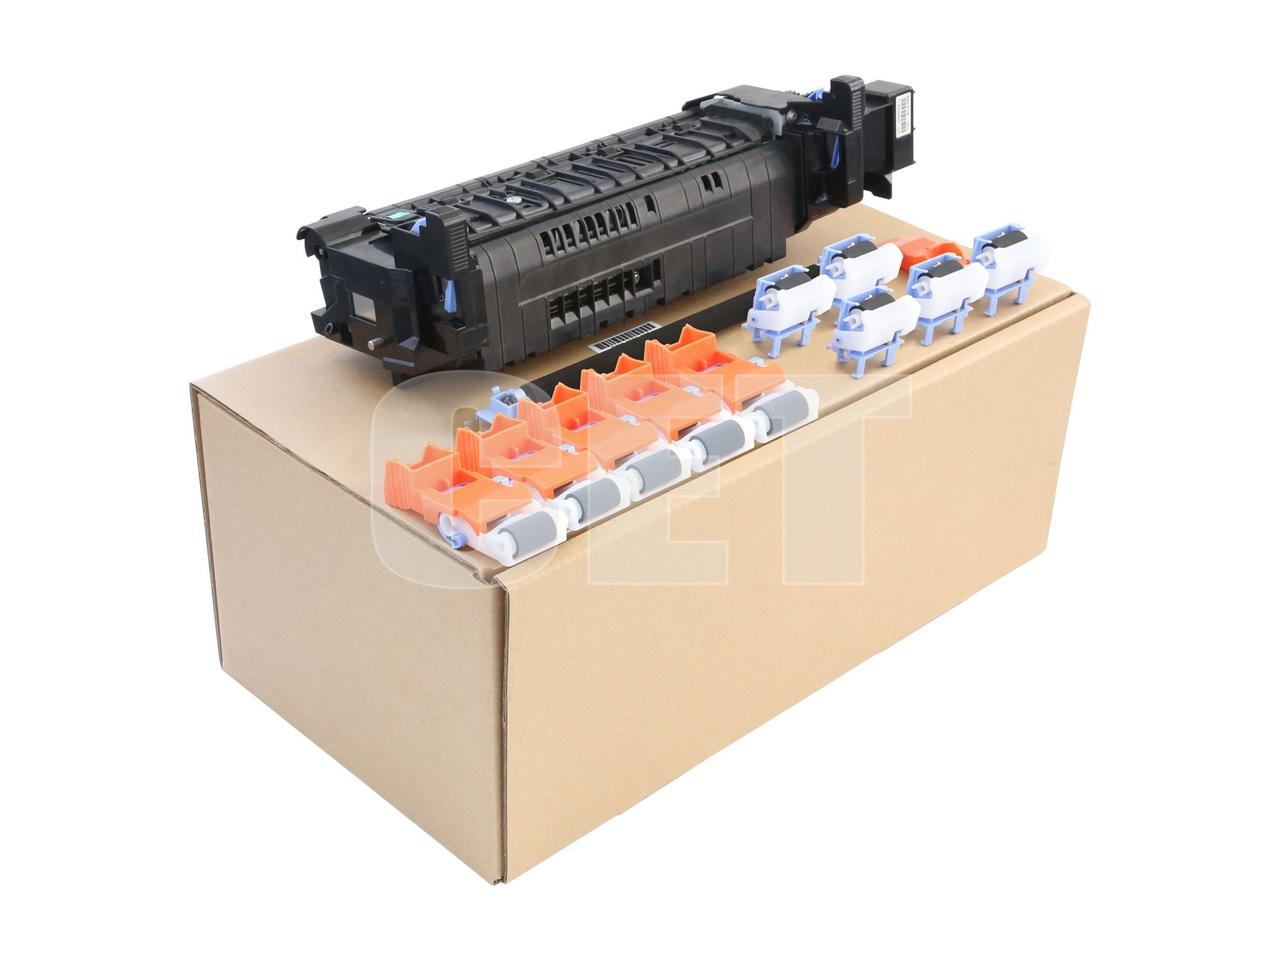 Ремонтный комплект L0H25-67901 для HP LaserJet EnterpriseM607dn/608dn/609dn (CET), 170000 стр., CET7864